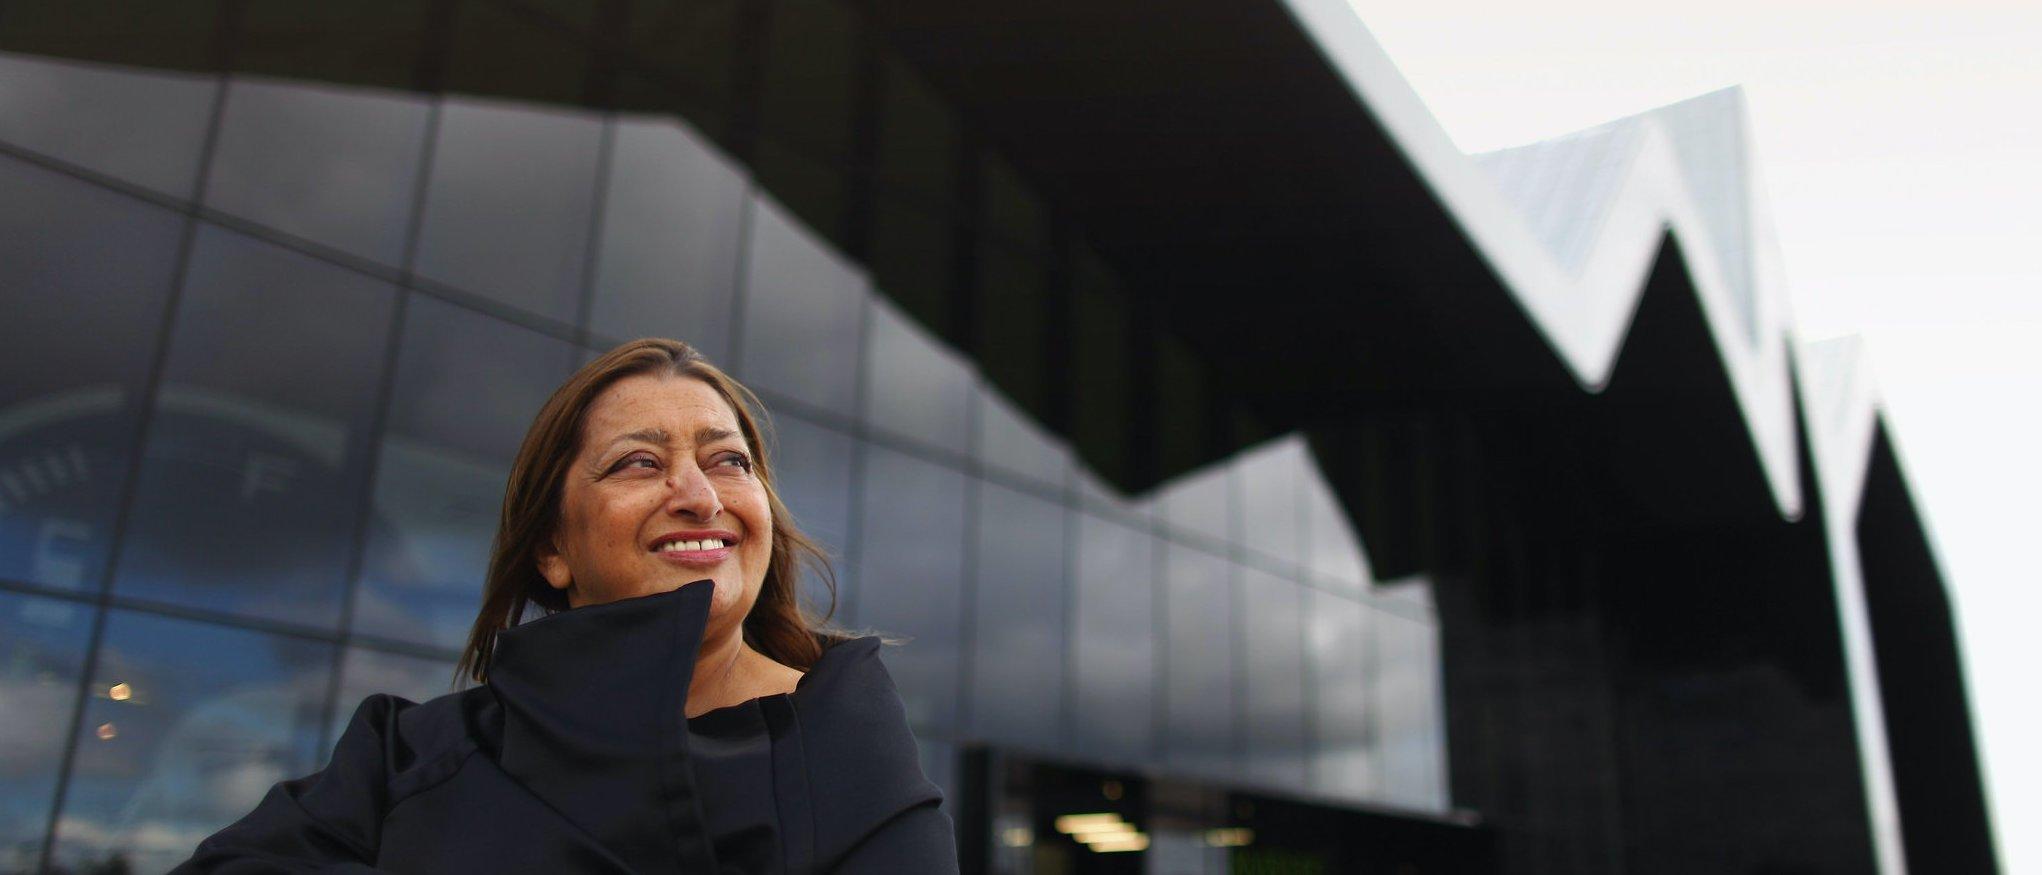 Zaha Hadid: The Woman & The Work